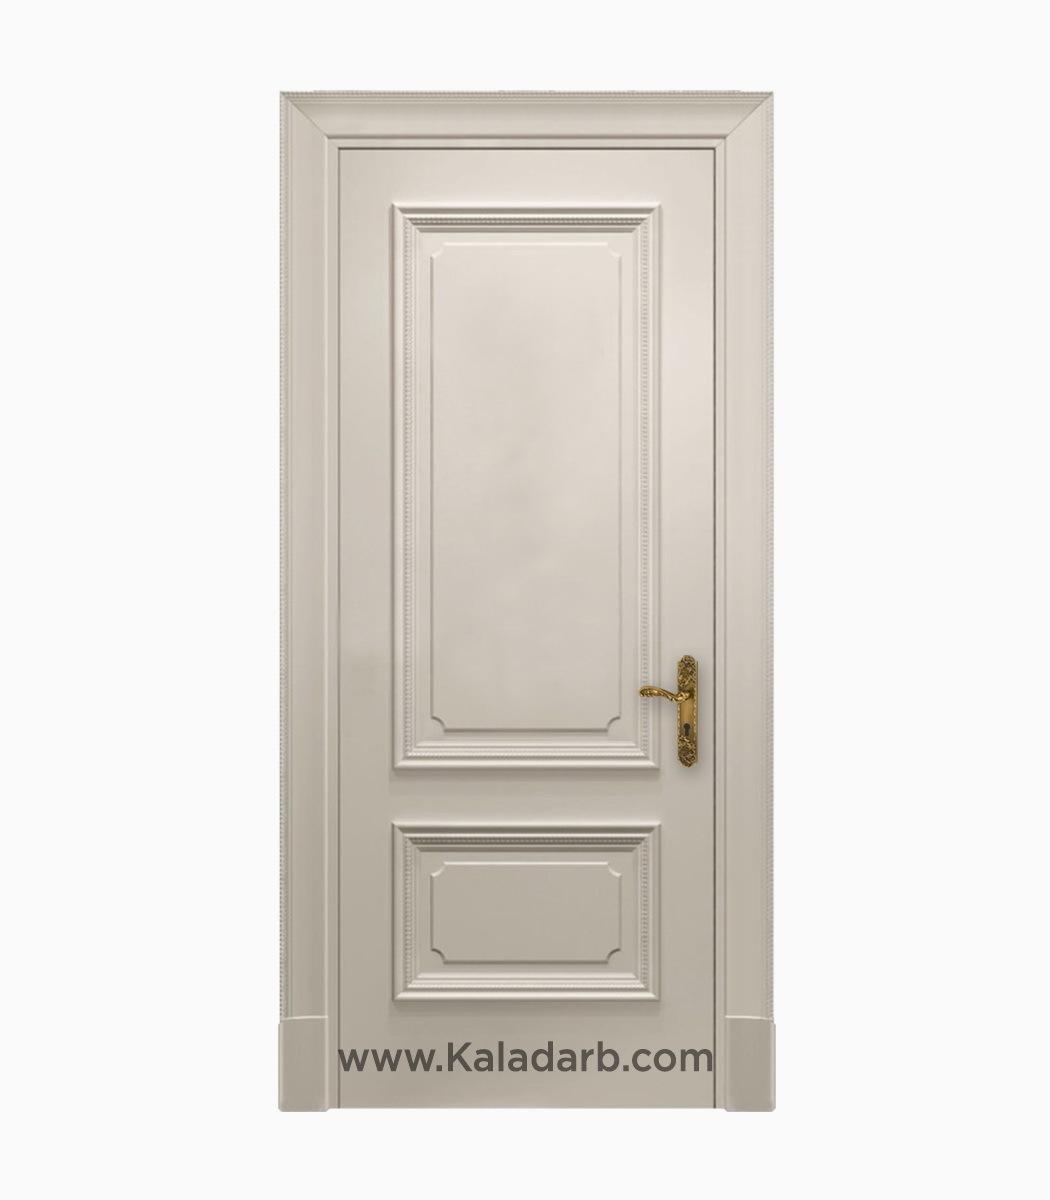 درب اتاق سفید